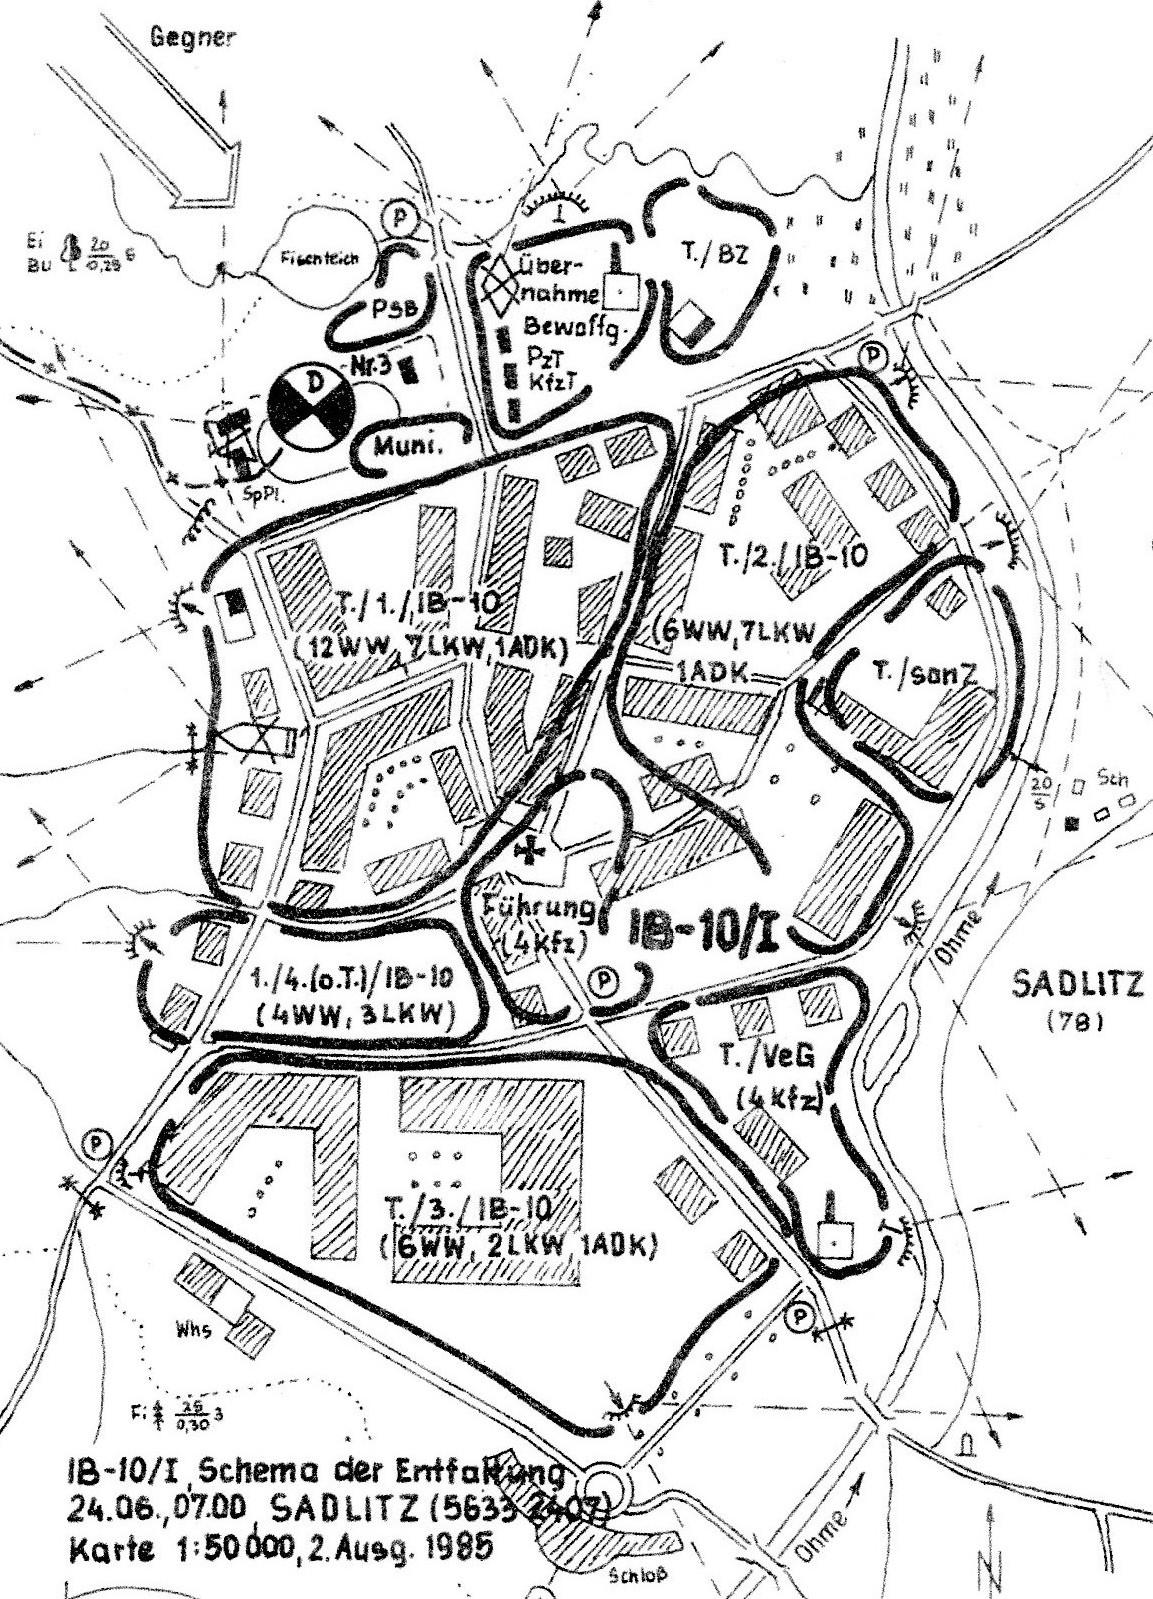 34. Variante der Entfaltung des IB in einer Ortschaft